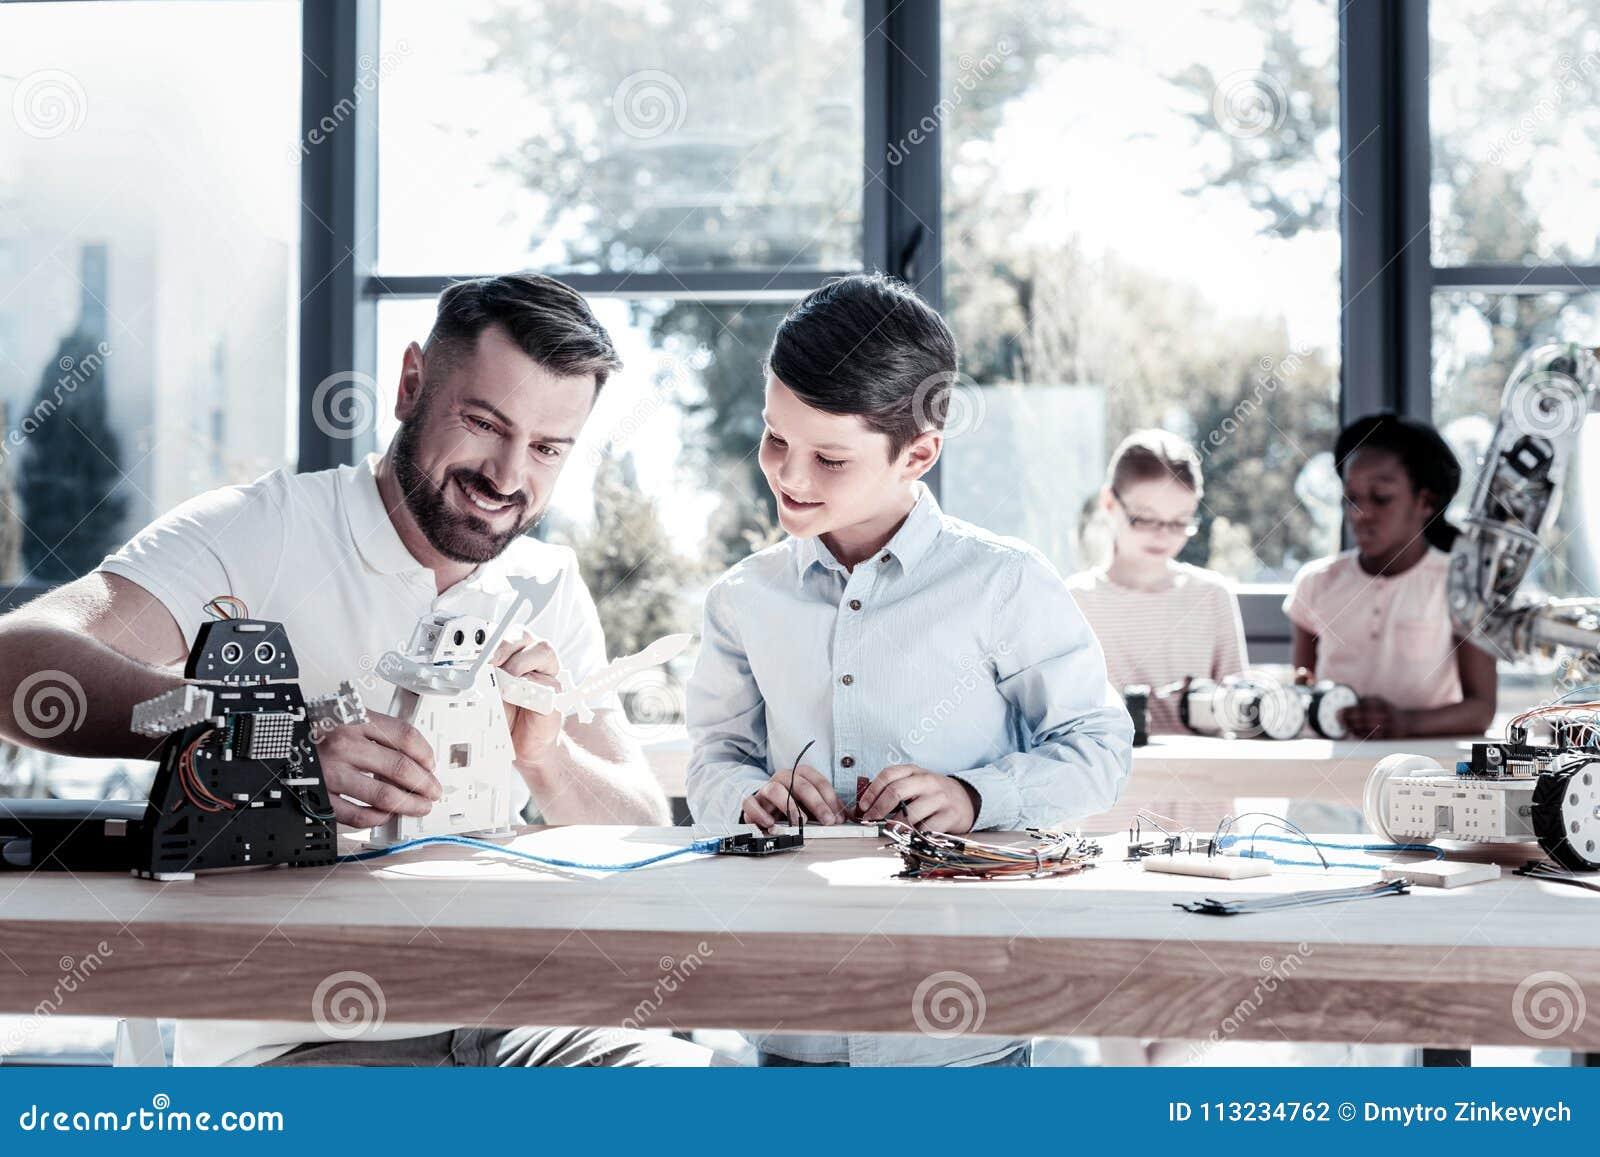 Χαρούμενοι δάσκαλος και σπουδαστής που χαμογελούν εργαζόμενος στη ρομποτική μηχανή